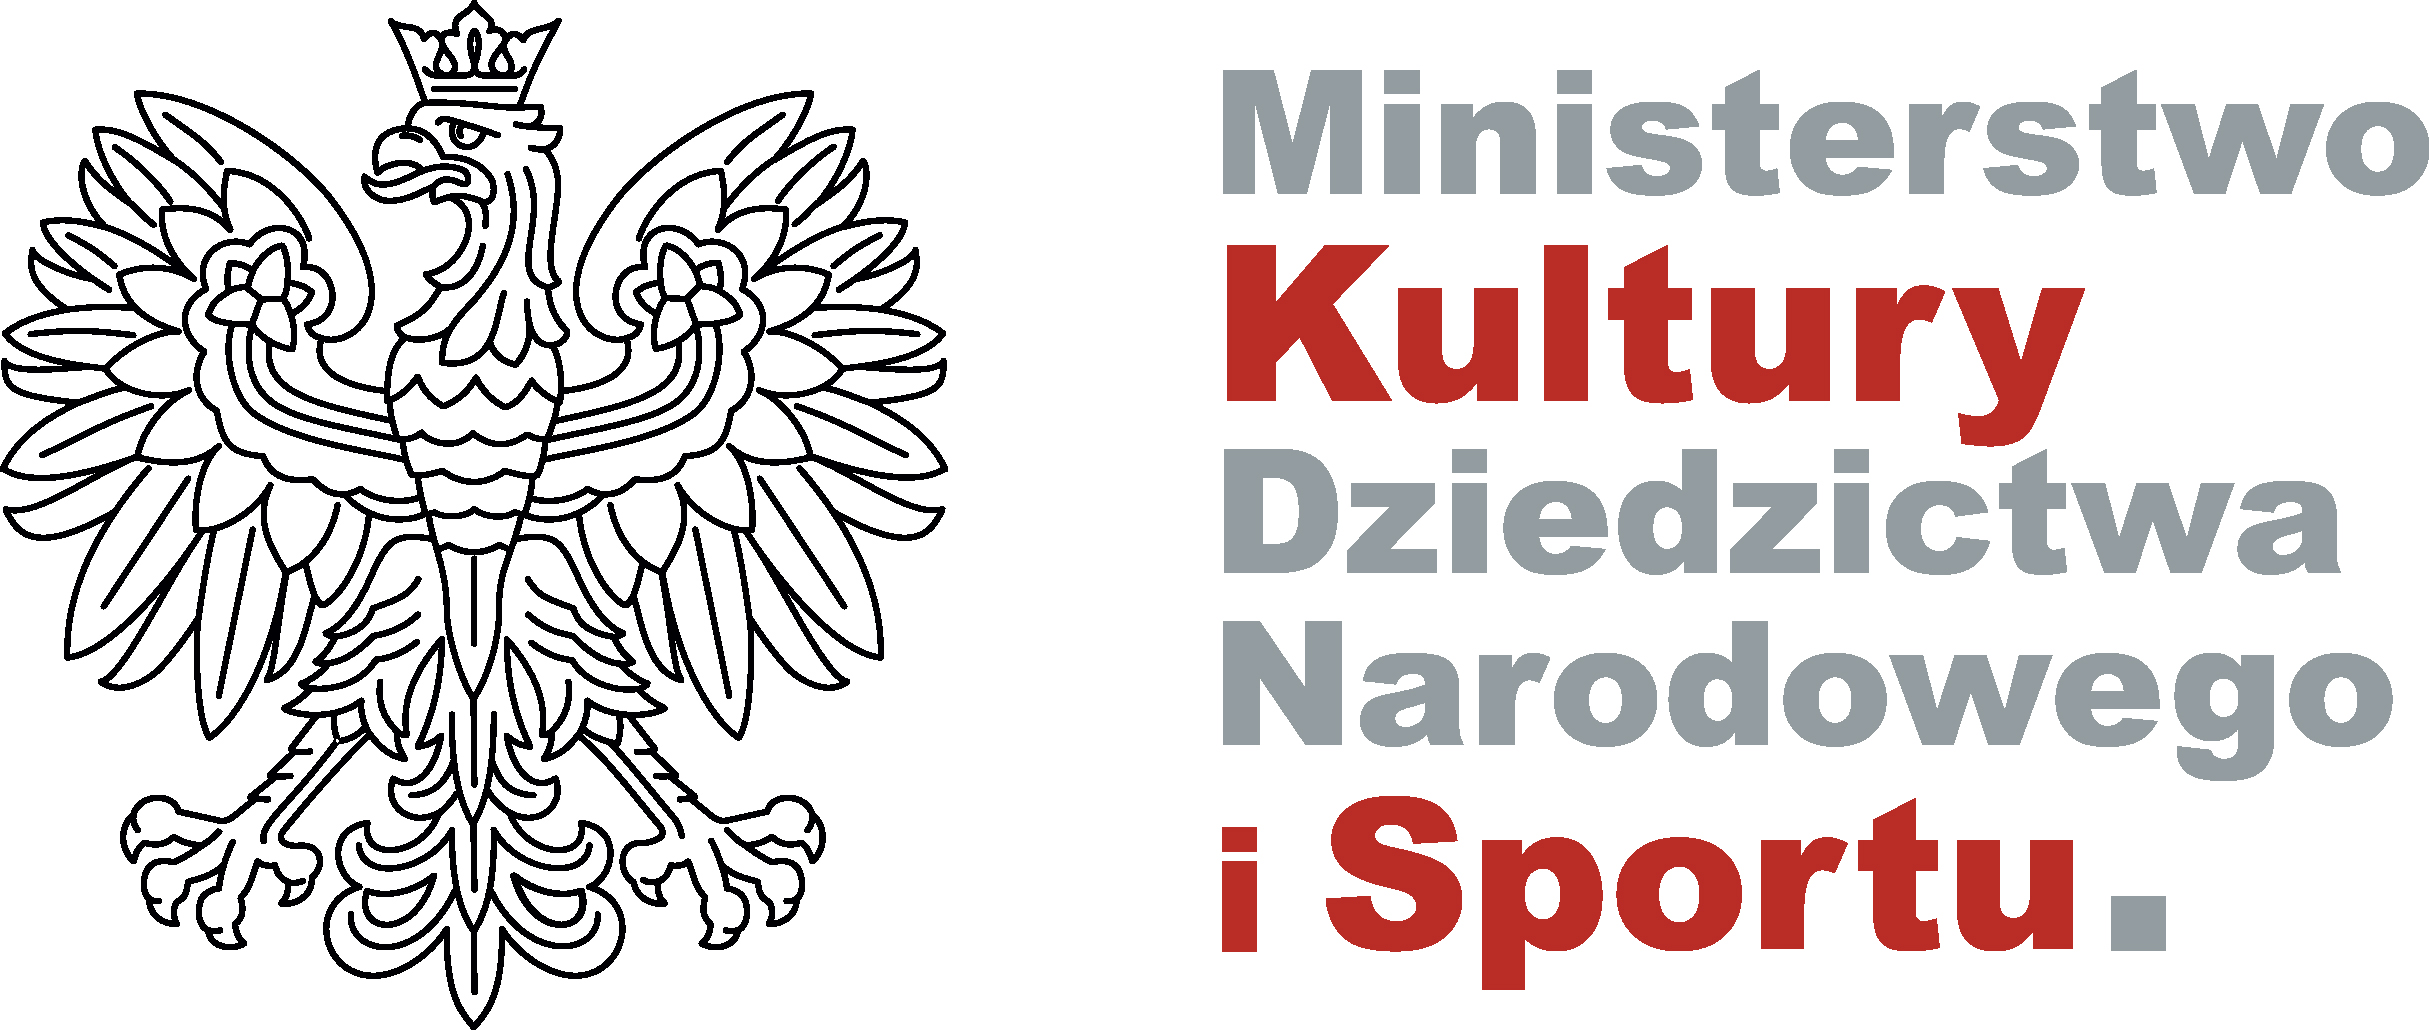 Logo z widocznym czarno-białym orłem w koronie. Po prawej stronie napis: Ministerstwo Kultury Dziedzictwa Narodowego i Sportu